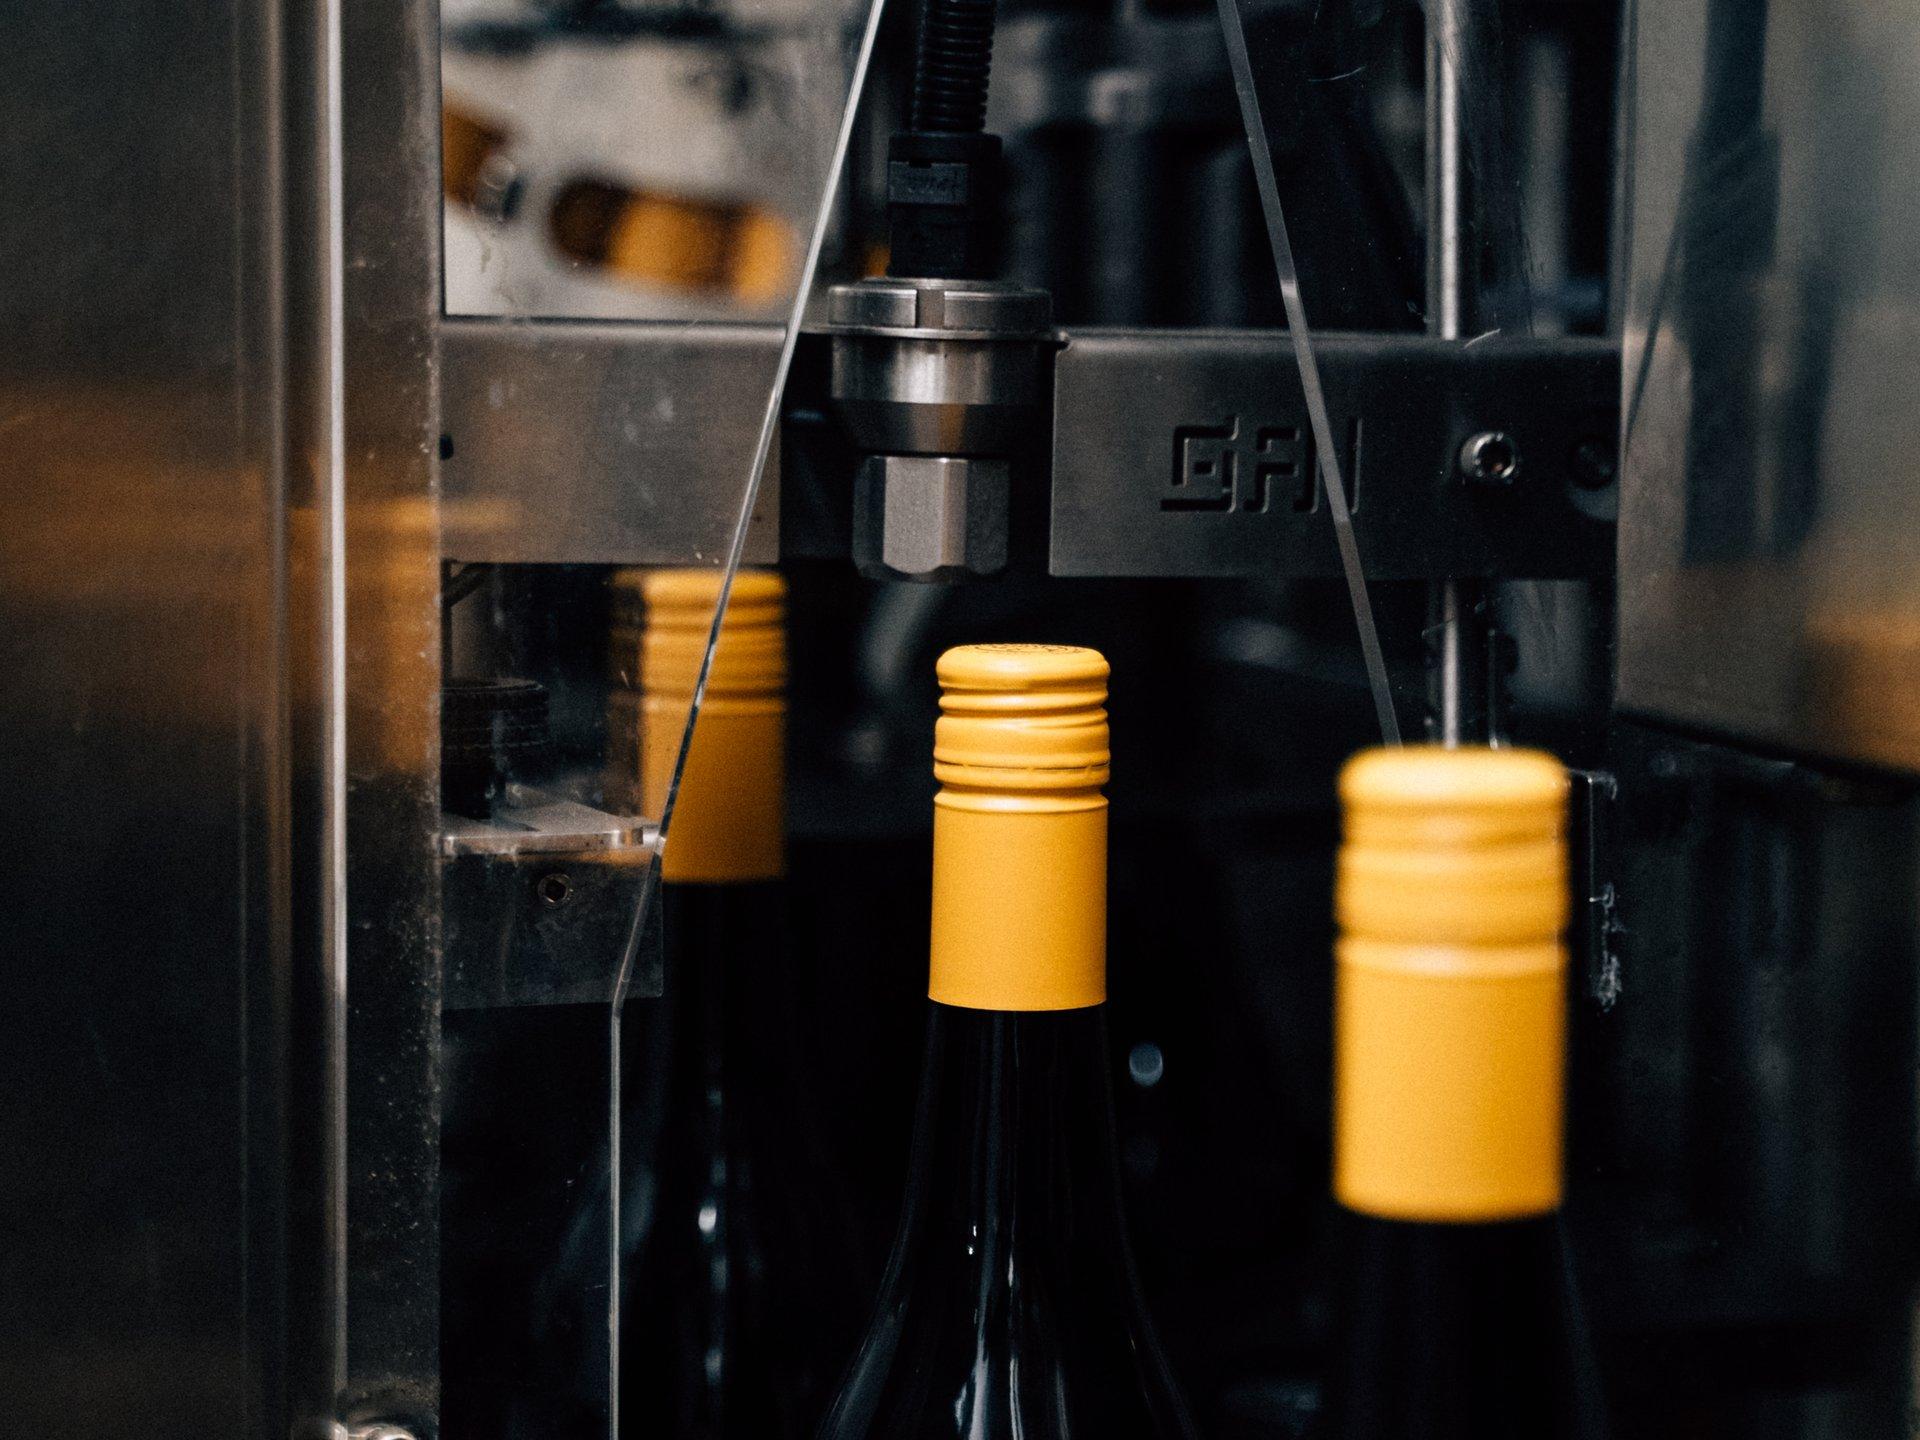 Wine Bottles - bottling line